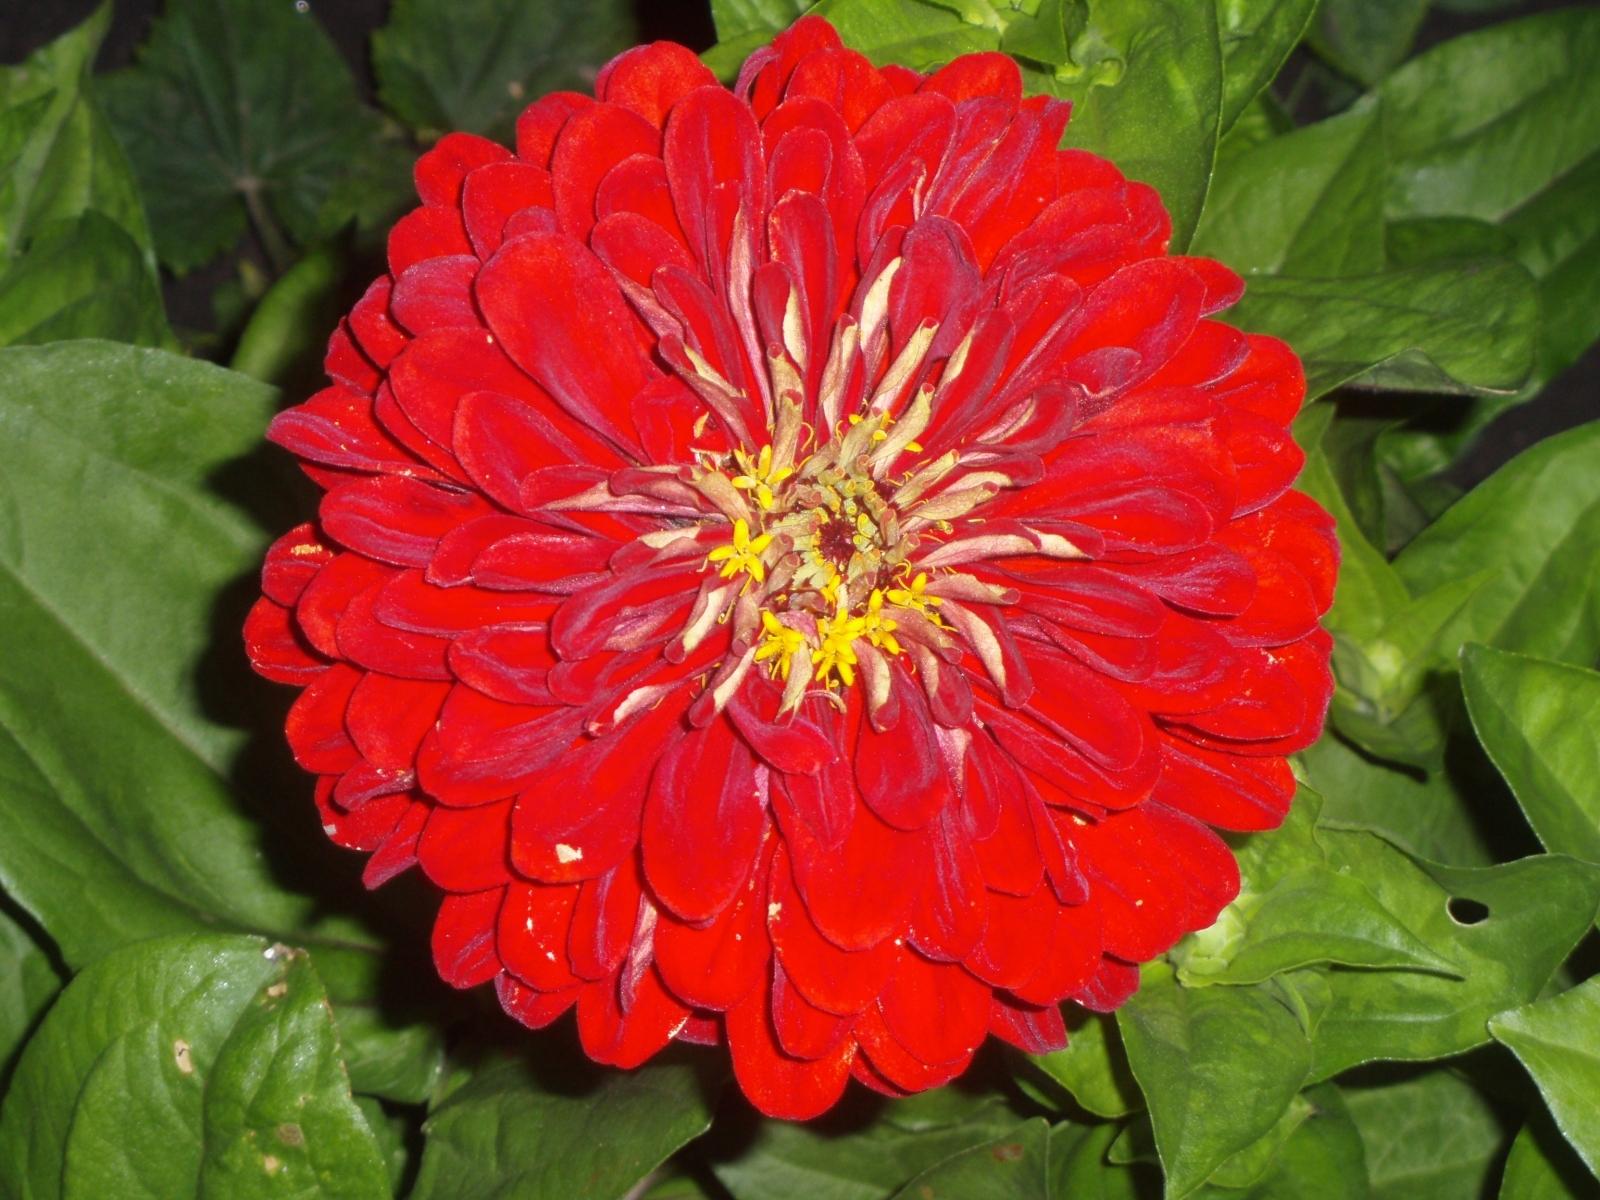 9726 descargar fondo de pantalla Plantas, Flores: protectores de pantalla e imágenes gratis